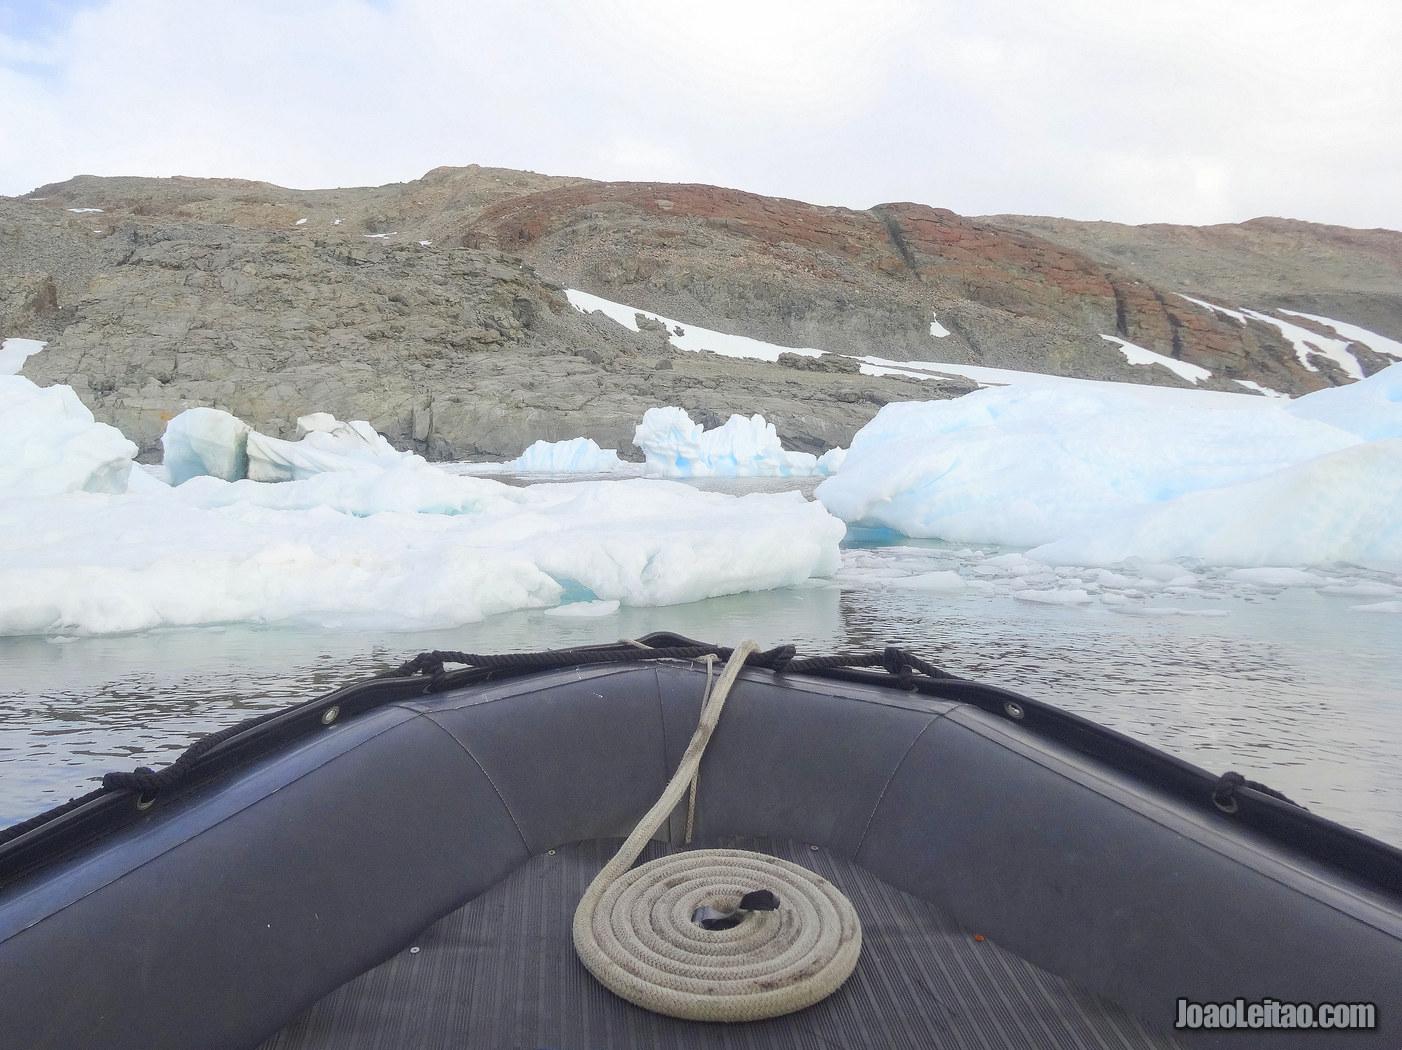 Visitar a Antártida - 17 Locais maravilhosos a não perder 2